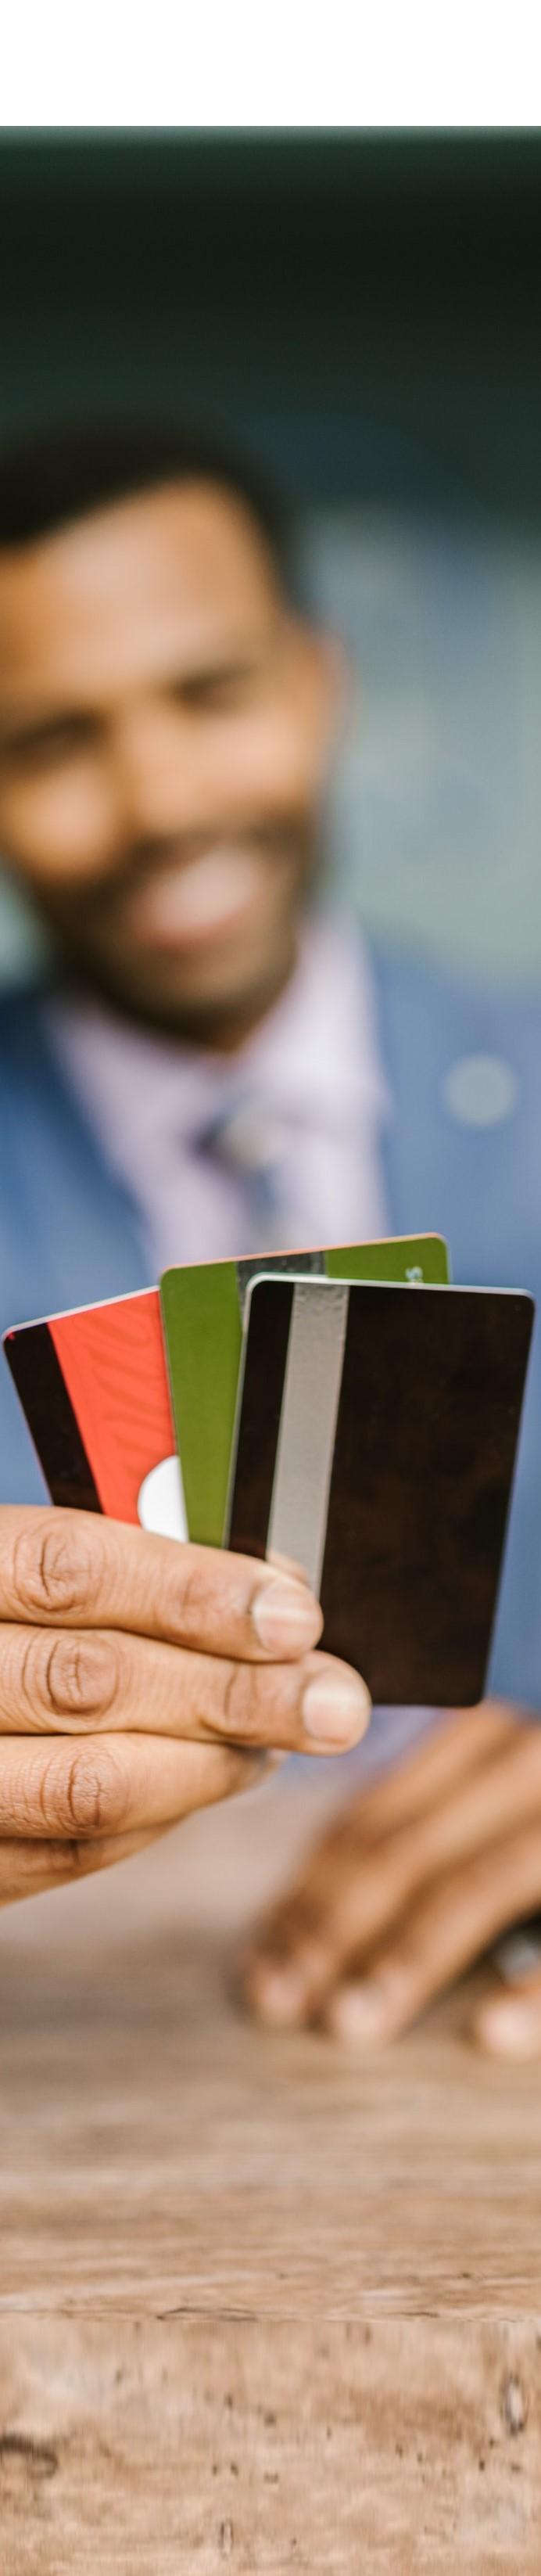 Mitigate fraud through unstructured data